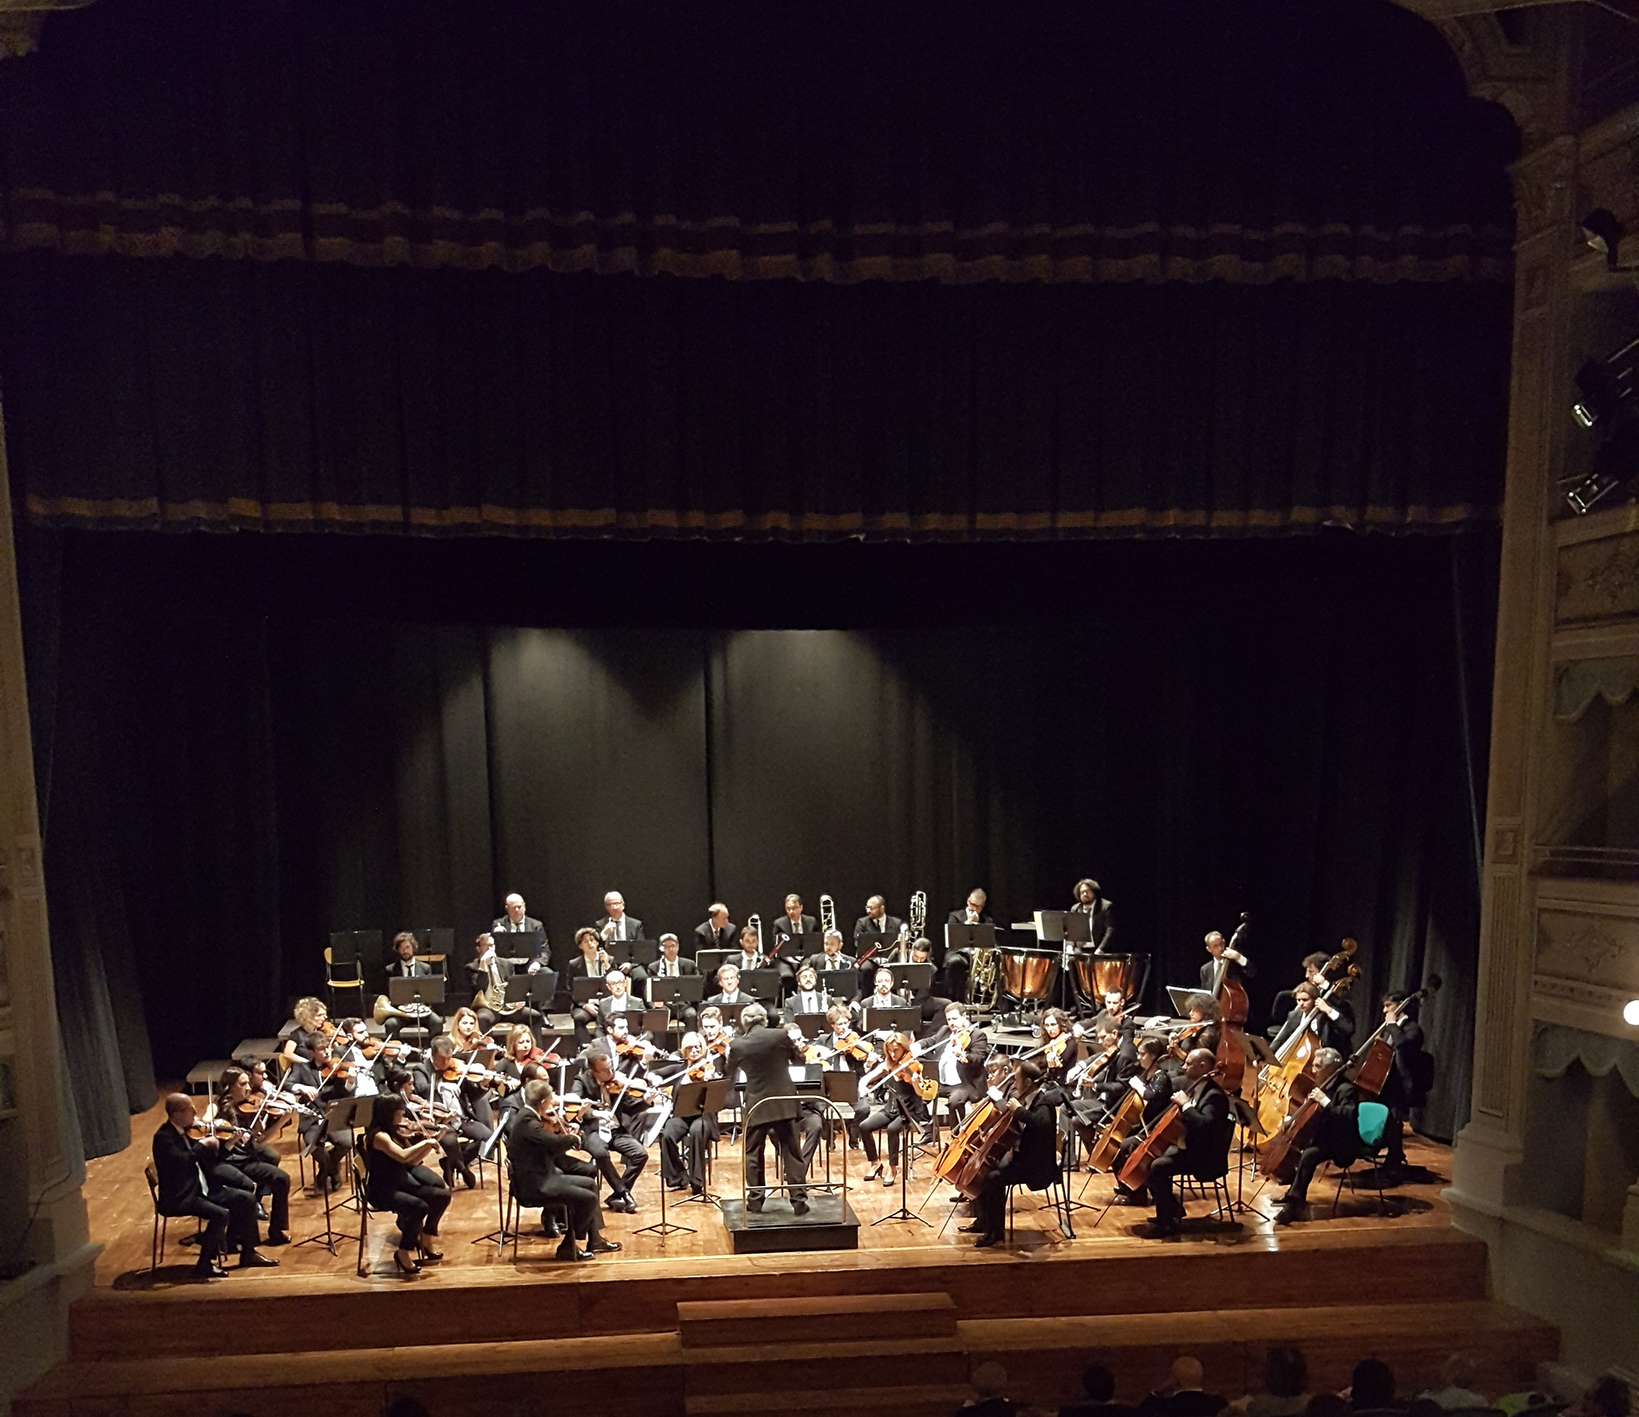 """""""URBINO IN MUSICA"""", MERCOLEDÌ 3 APRILE AL TEATRO SANZIO """"PIANOMANIA"""" CON LA FORM ORCHESTRA FILARMONICA MARCHIGIANA, GIANLUCA LUISI E LORENZO DI BELLA"""